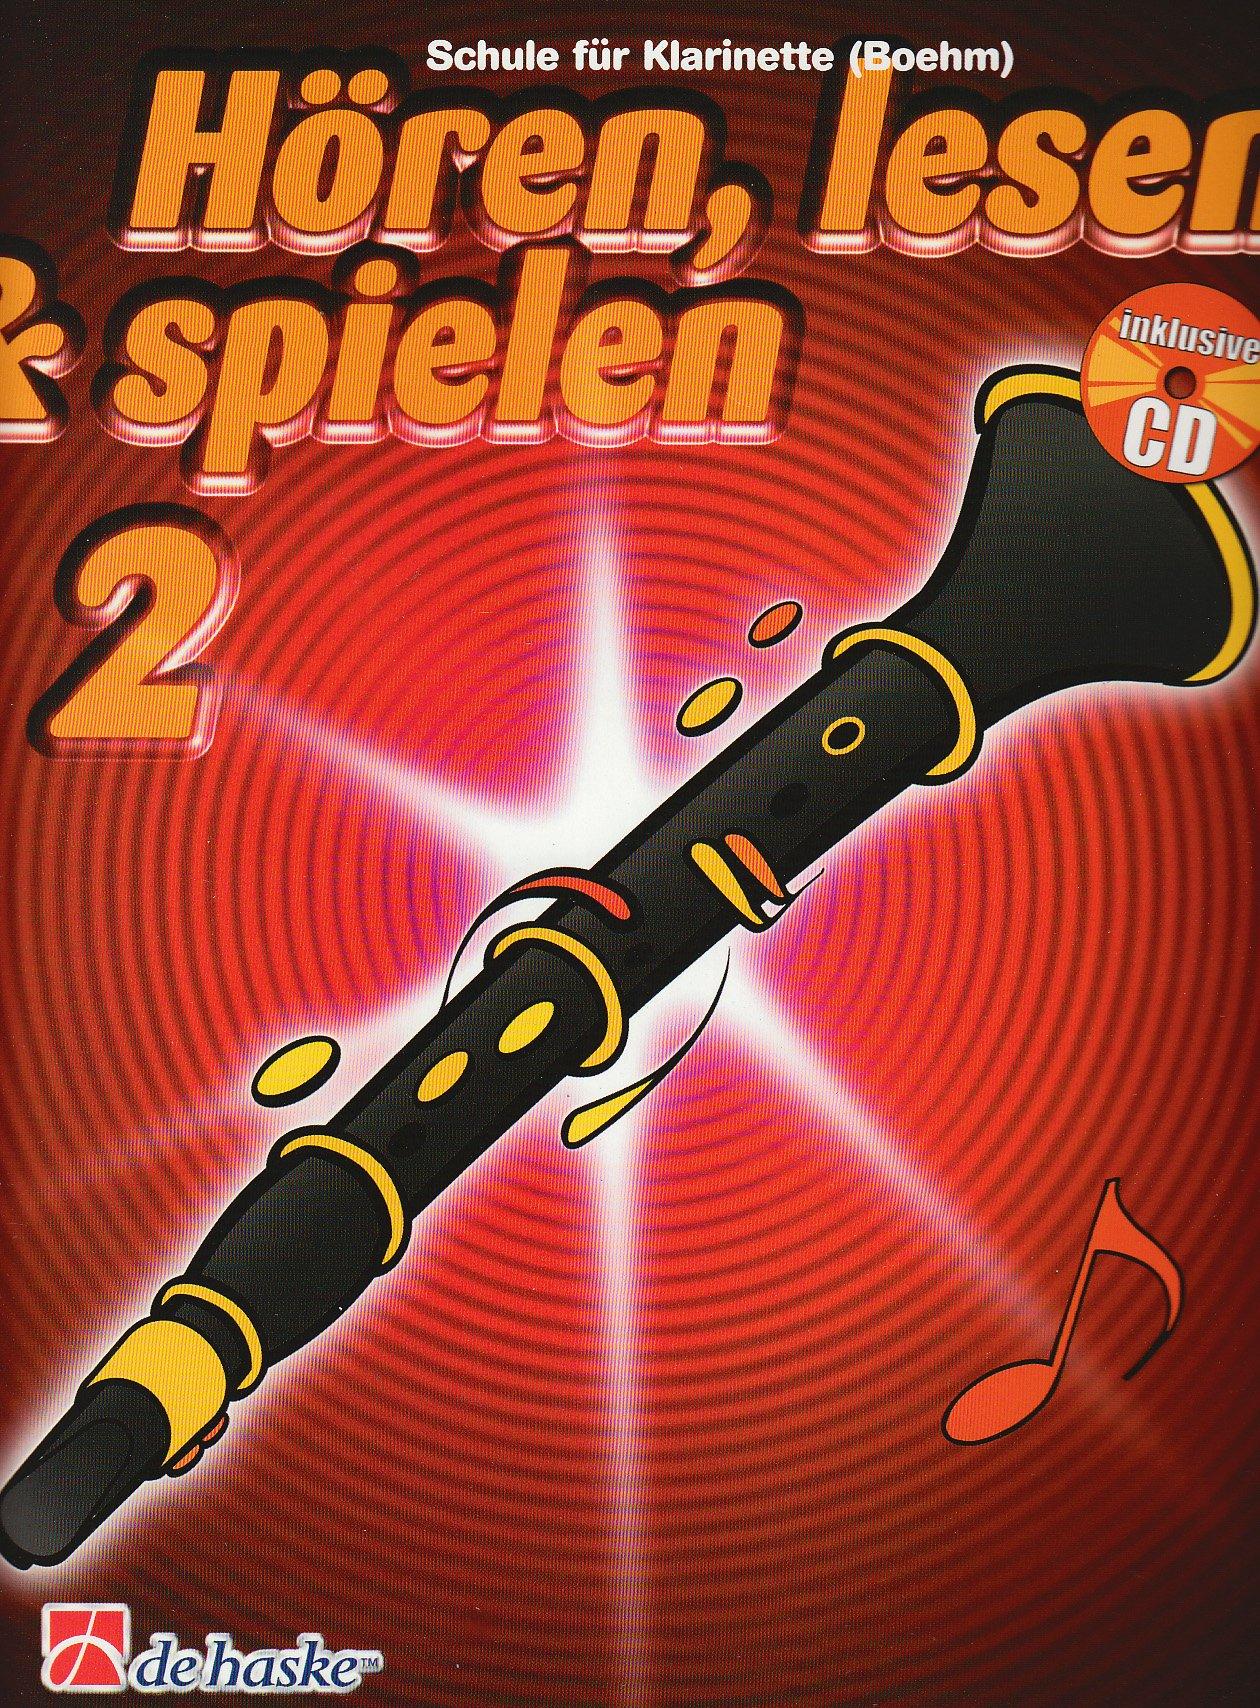 Hören, lesen & spielen, Schule für Klarinette (Boehm), m. Audio-CD